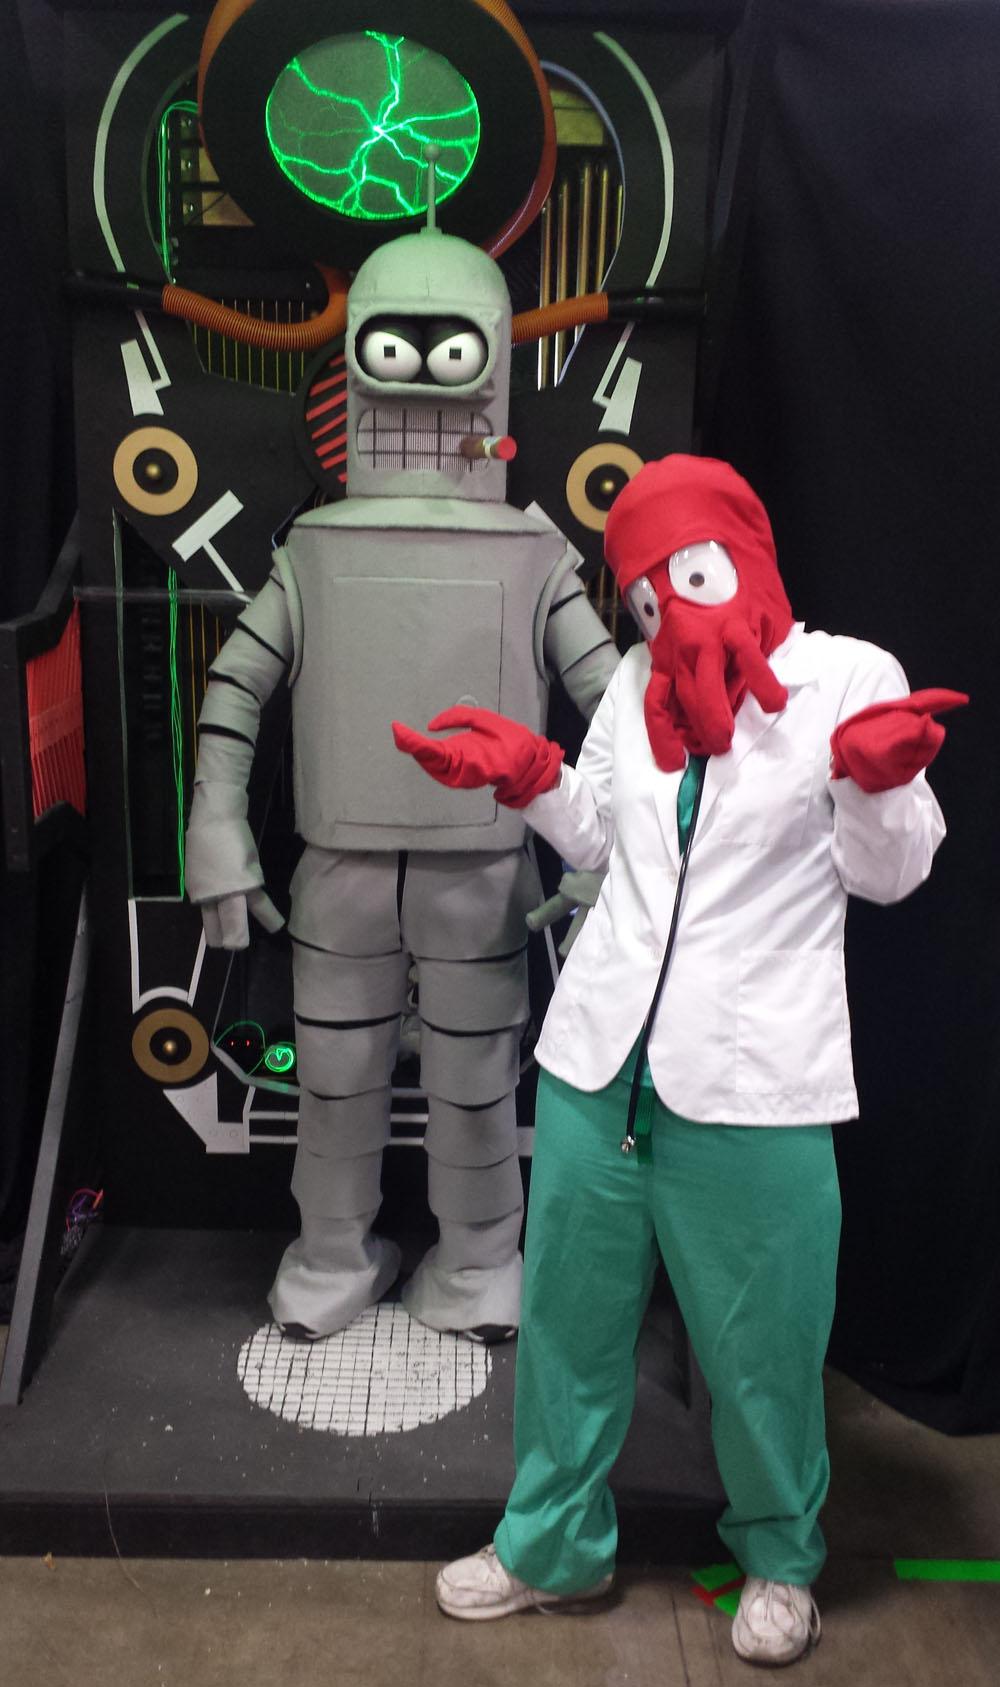 Bender_and_Zoidberg.jpg